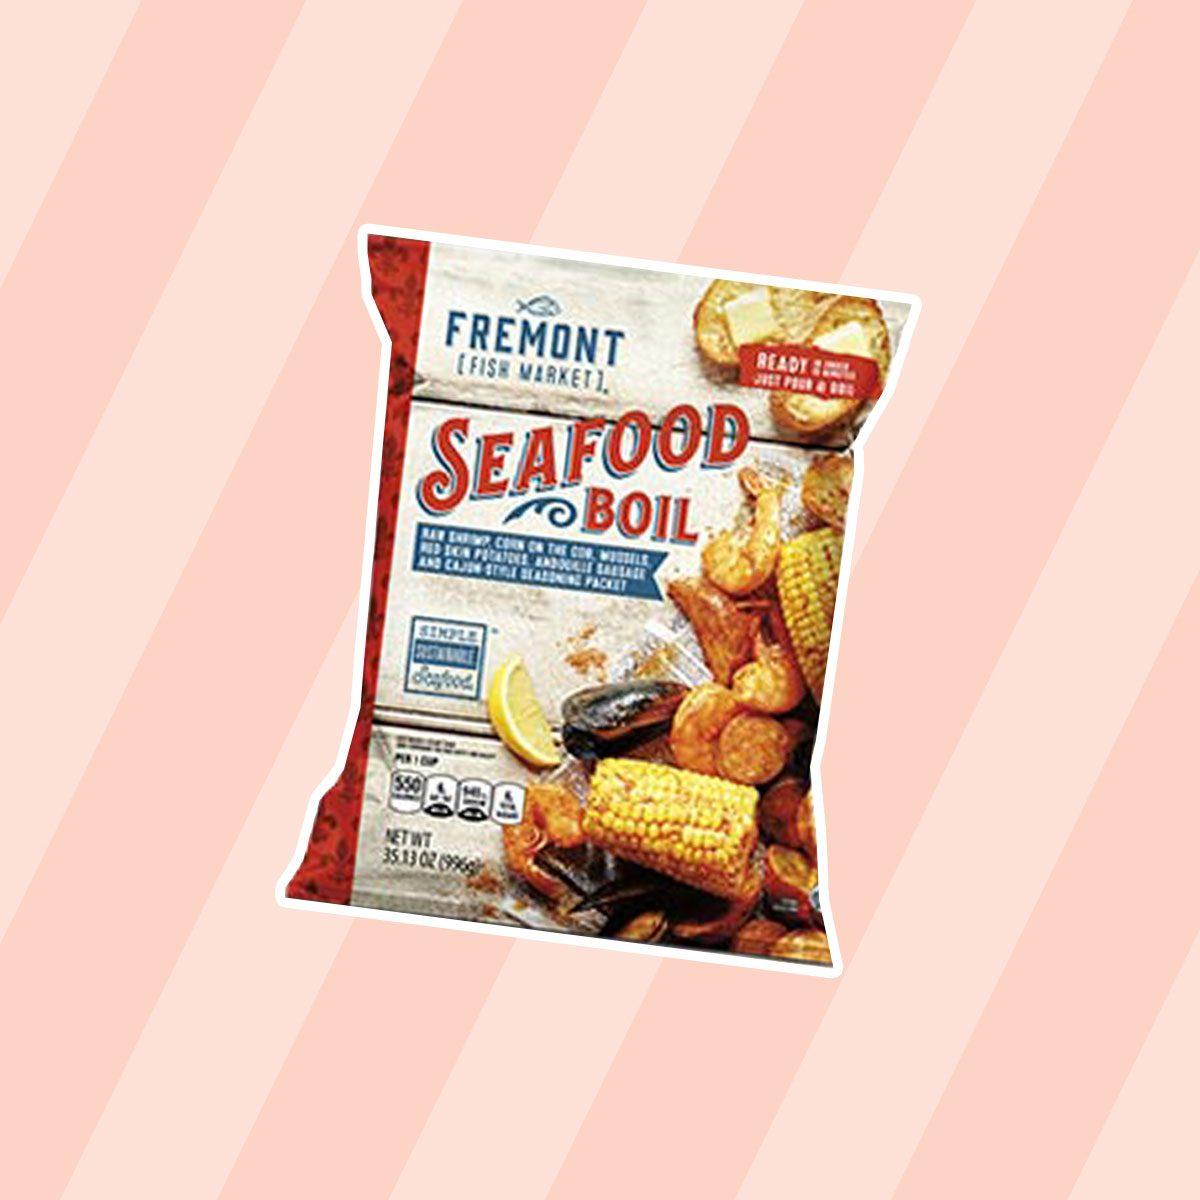 Fremont Fish Market Seafood Boil